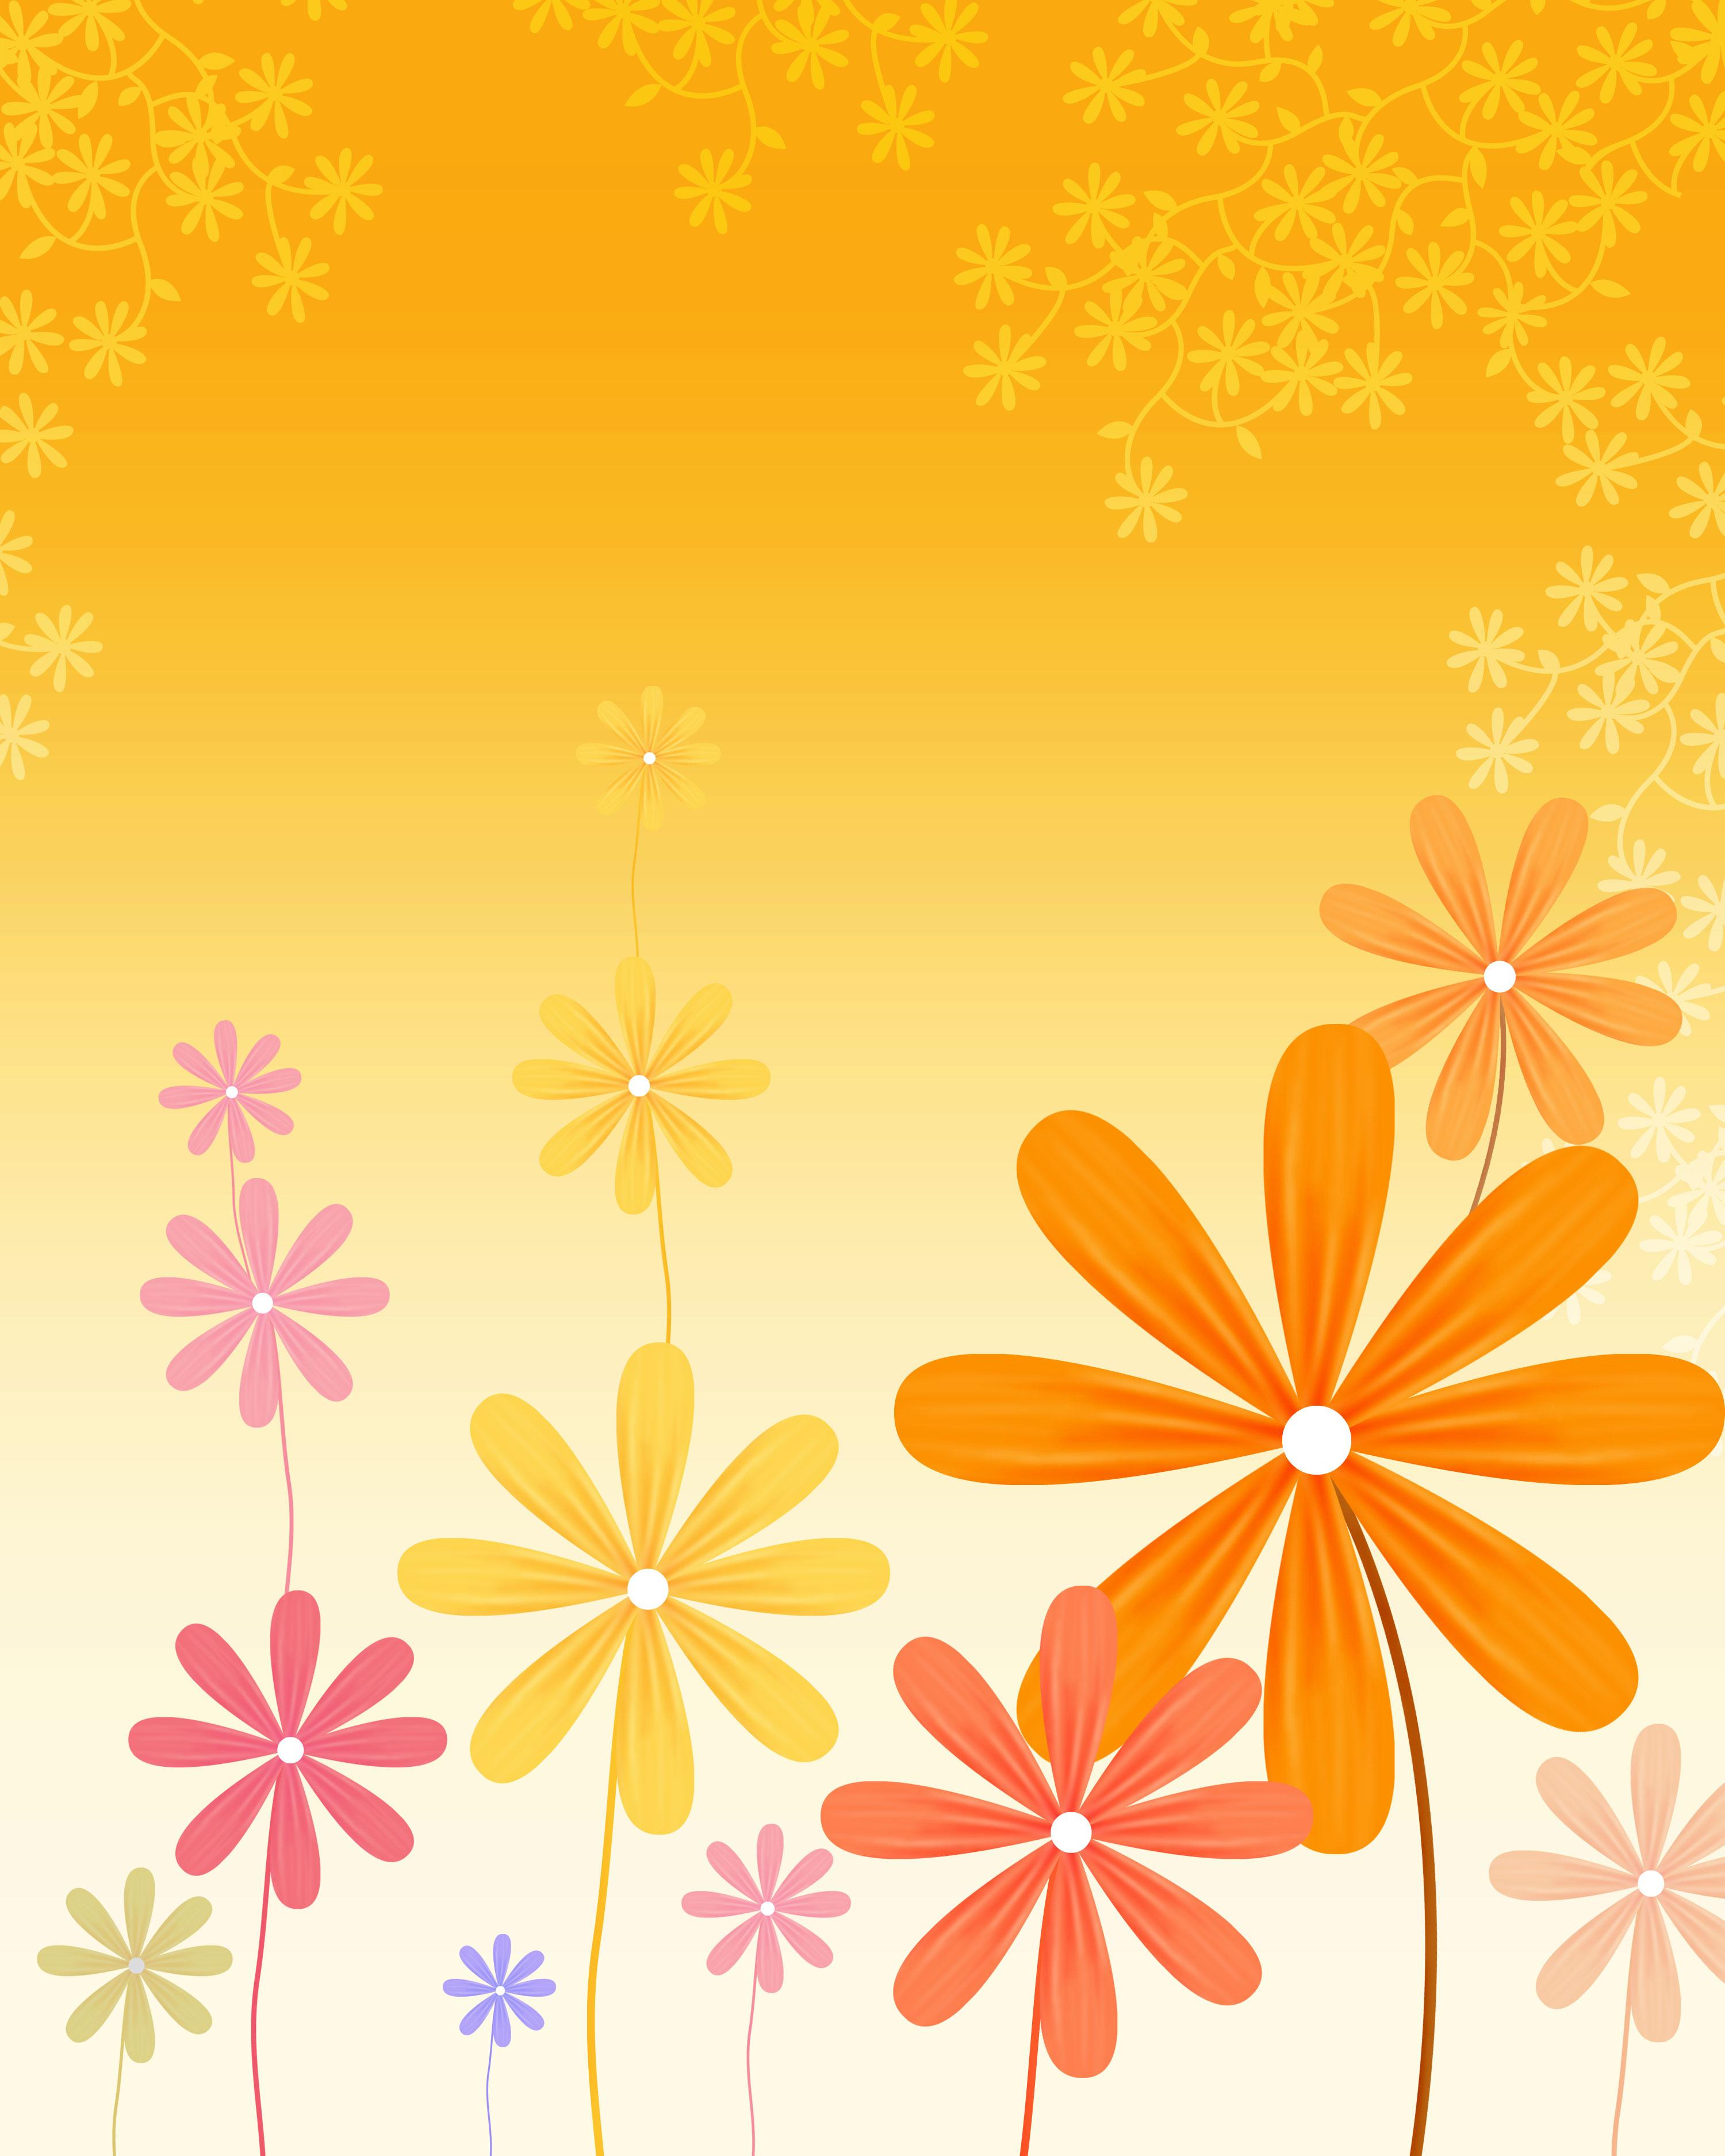 花のイラスト・フリー素材/壁紙・背景no.517『秋のイメージ・オレンジ』